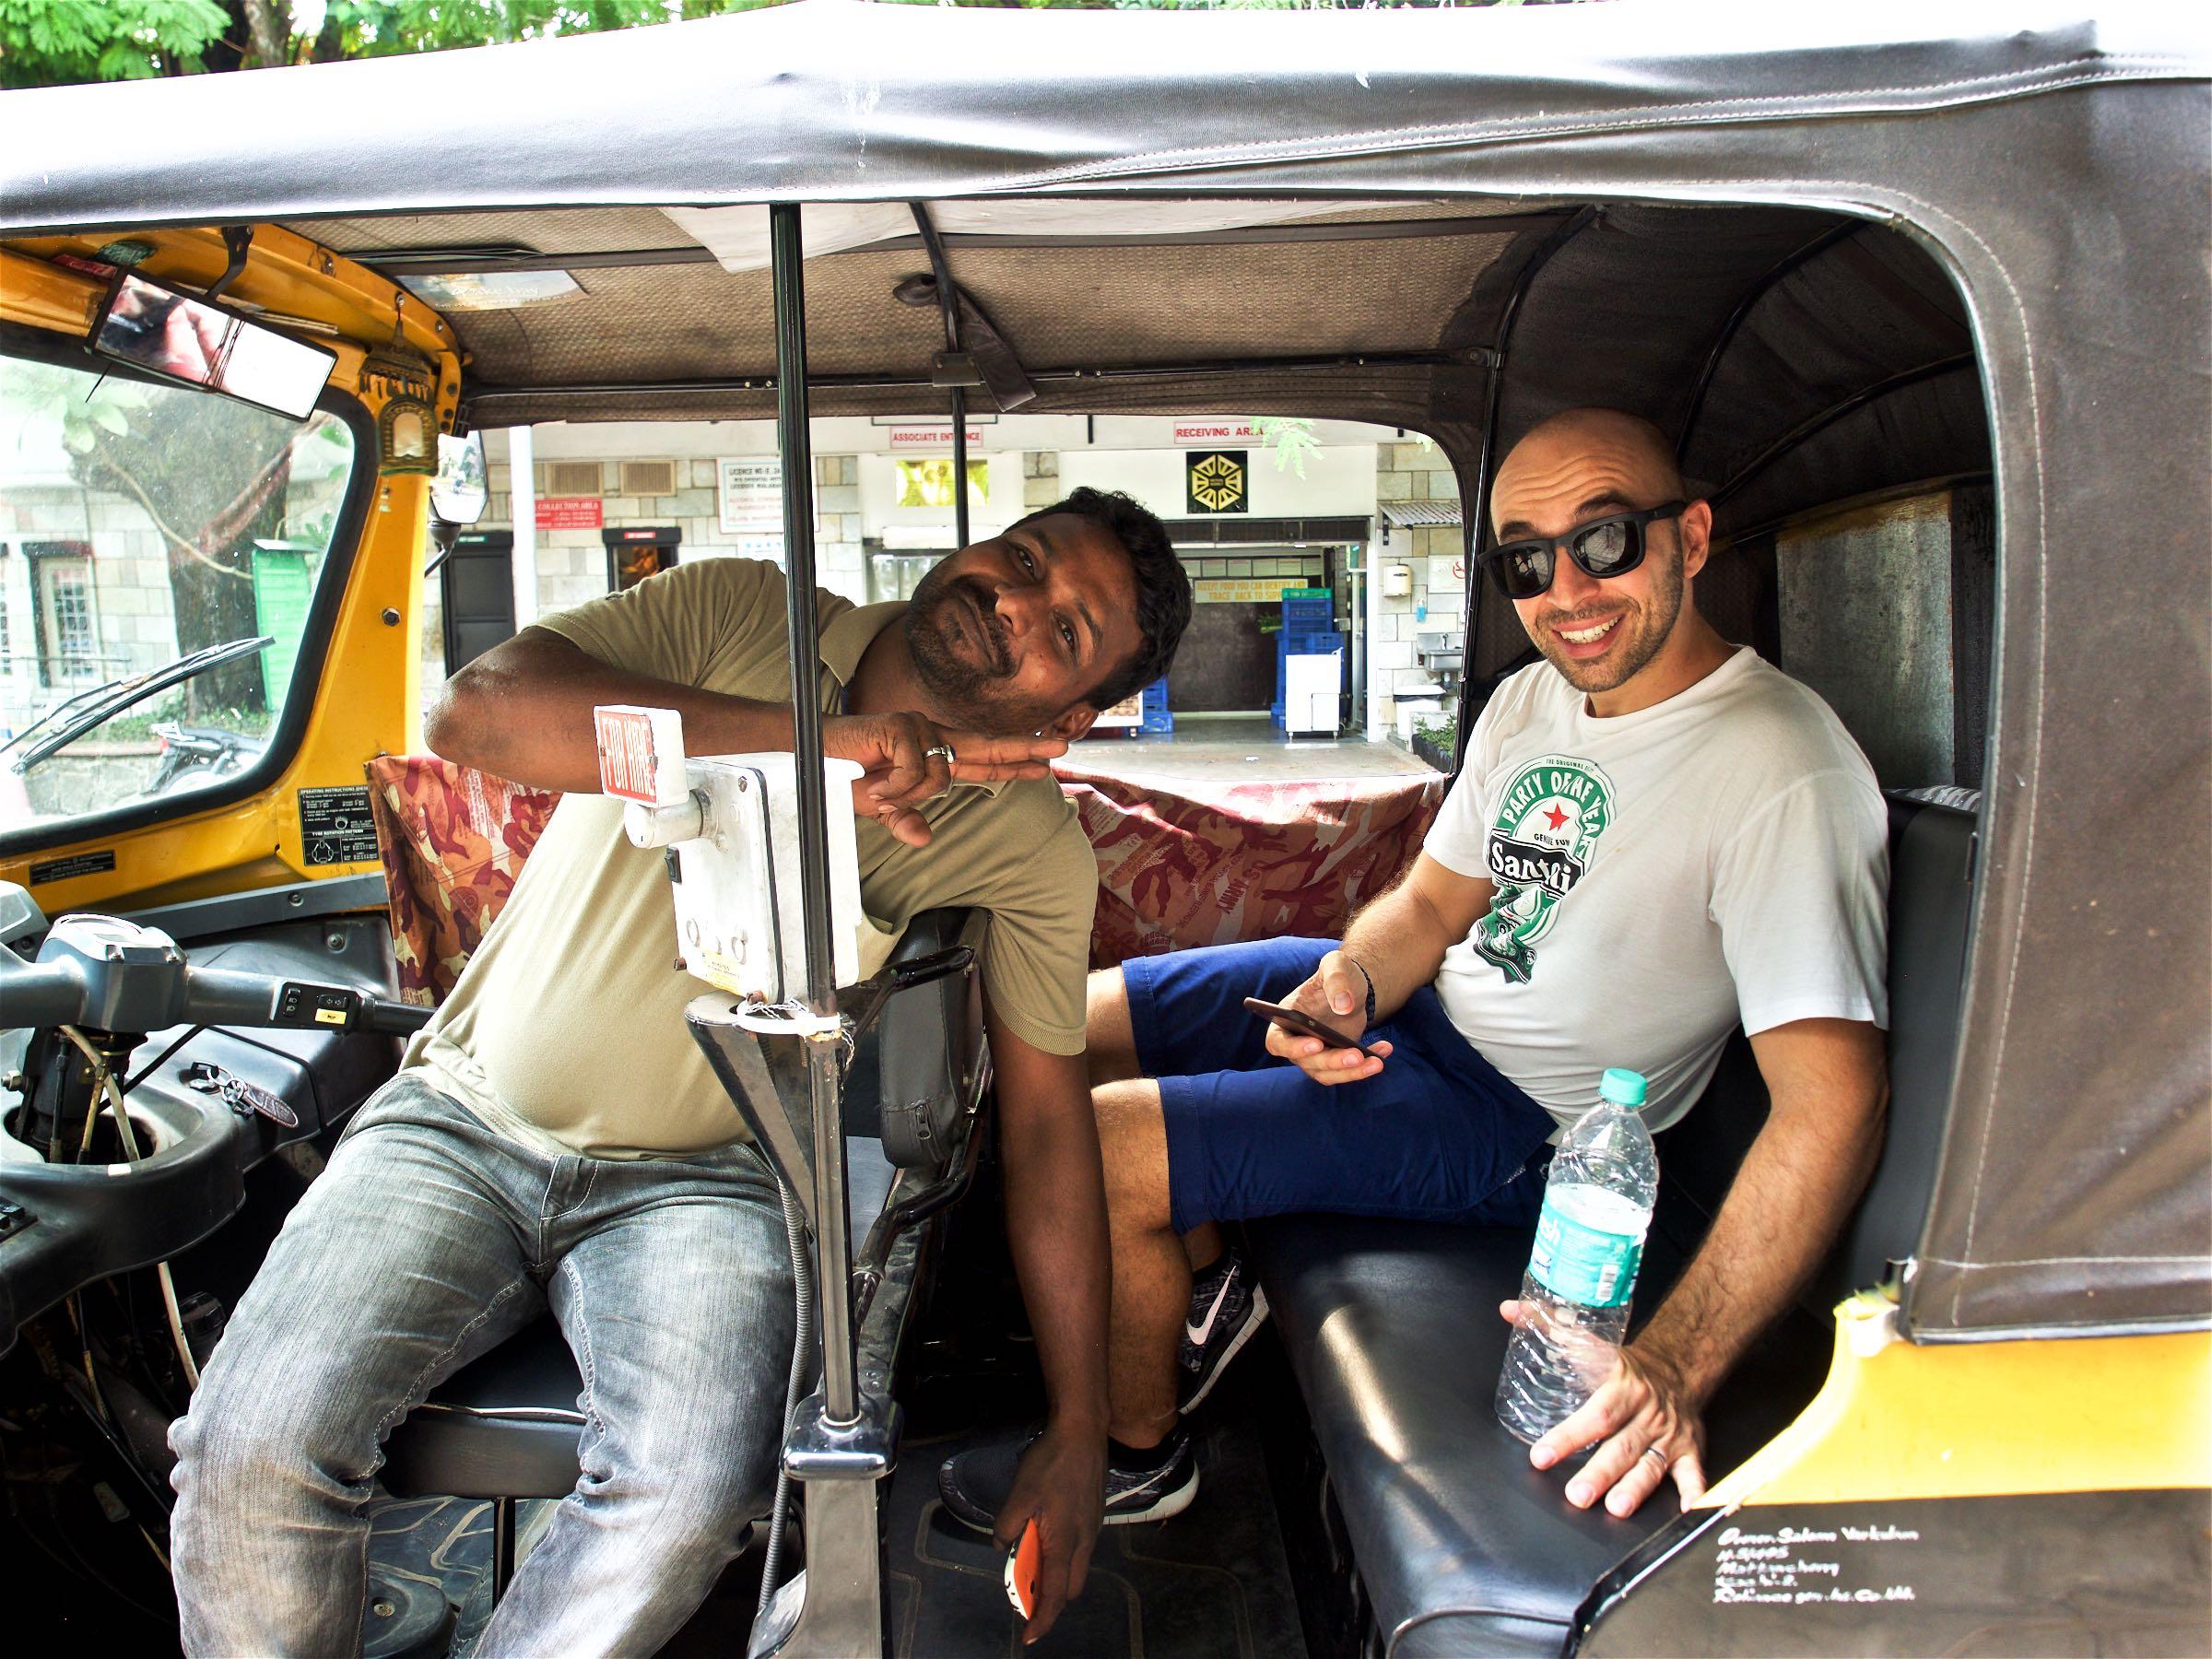 Dimitri and the Tuk Tuk Driver